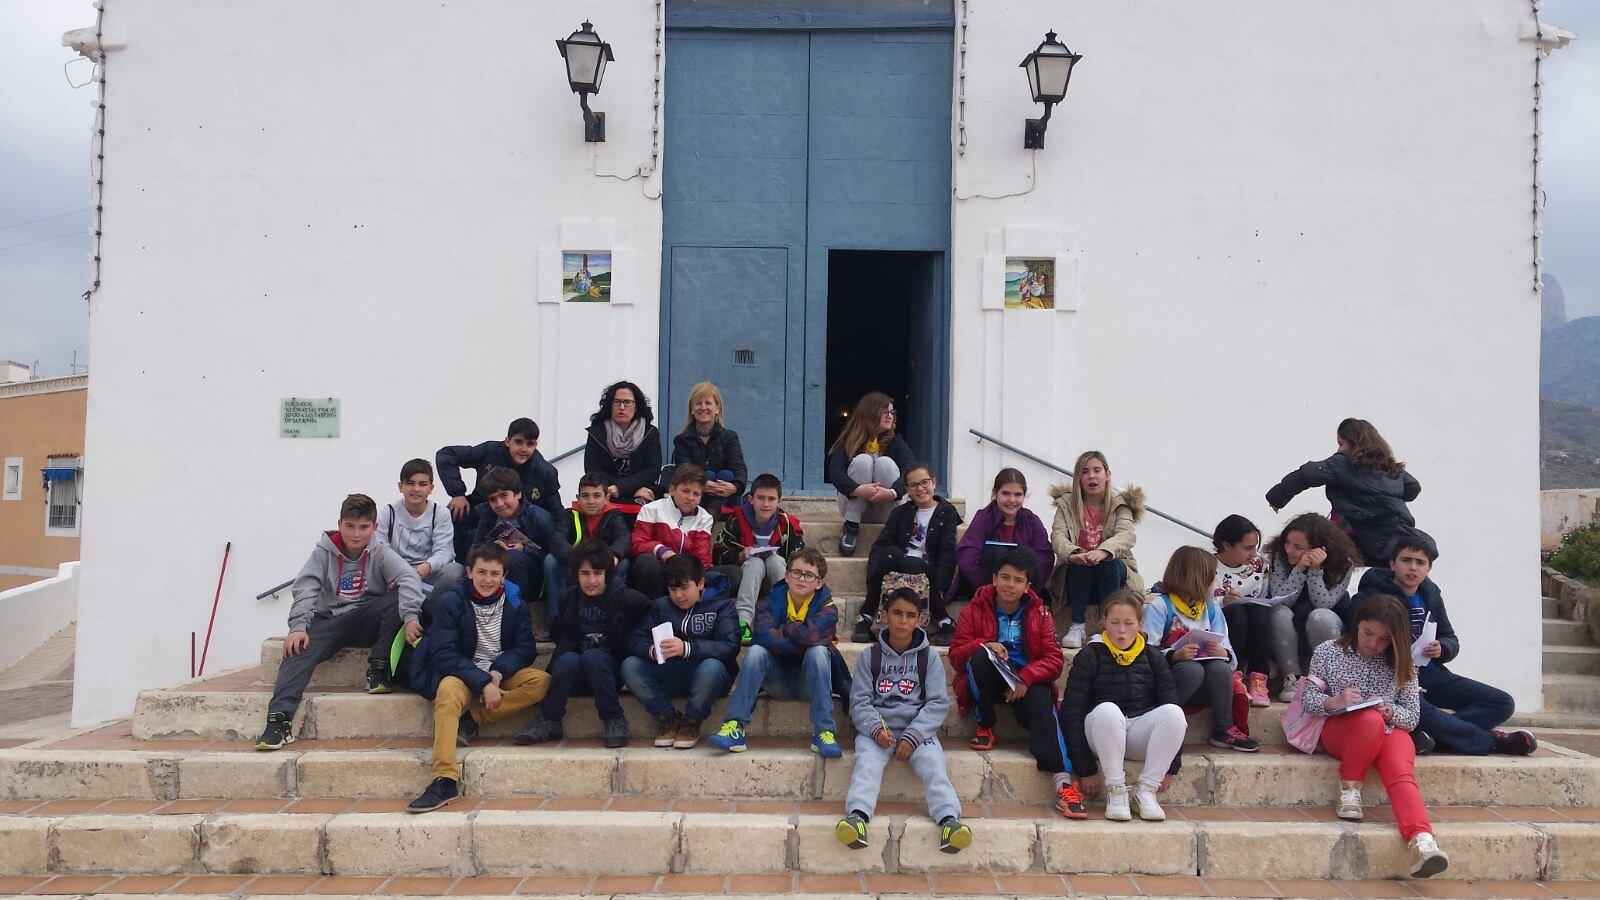 (2016-03-18) - aVisita ermita alumnos Pilar, profesora religión 9´Octubre - María Isabel Berenguer Brotons (03)